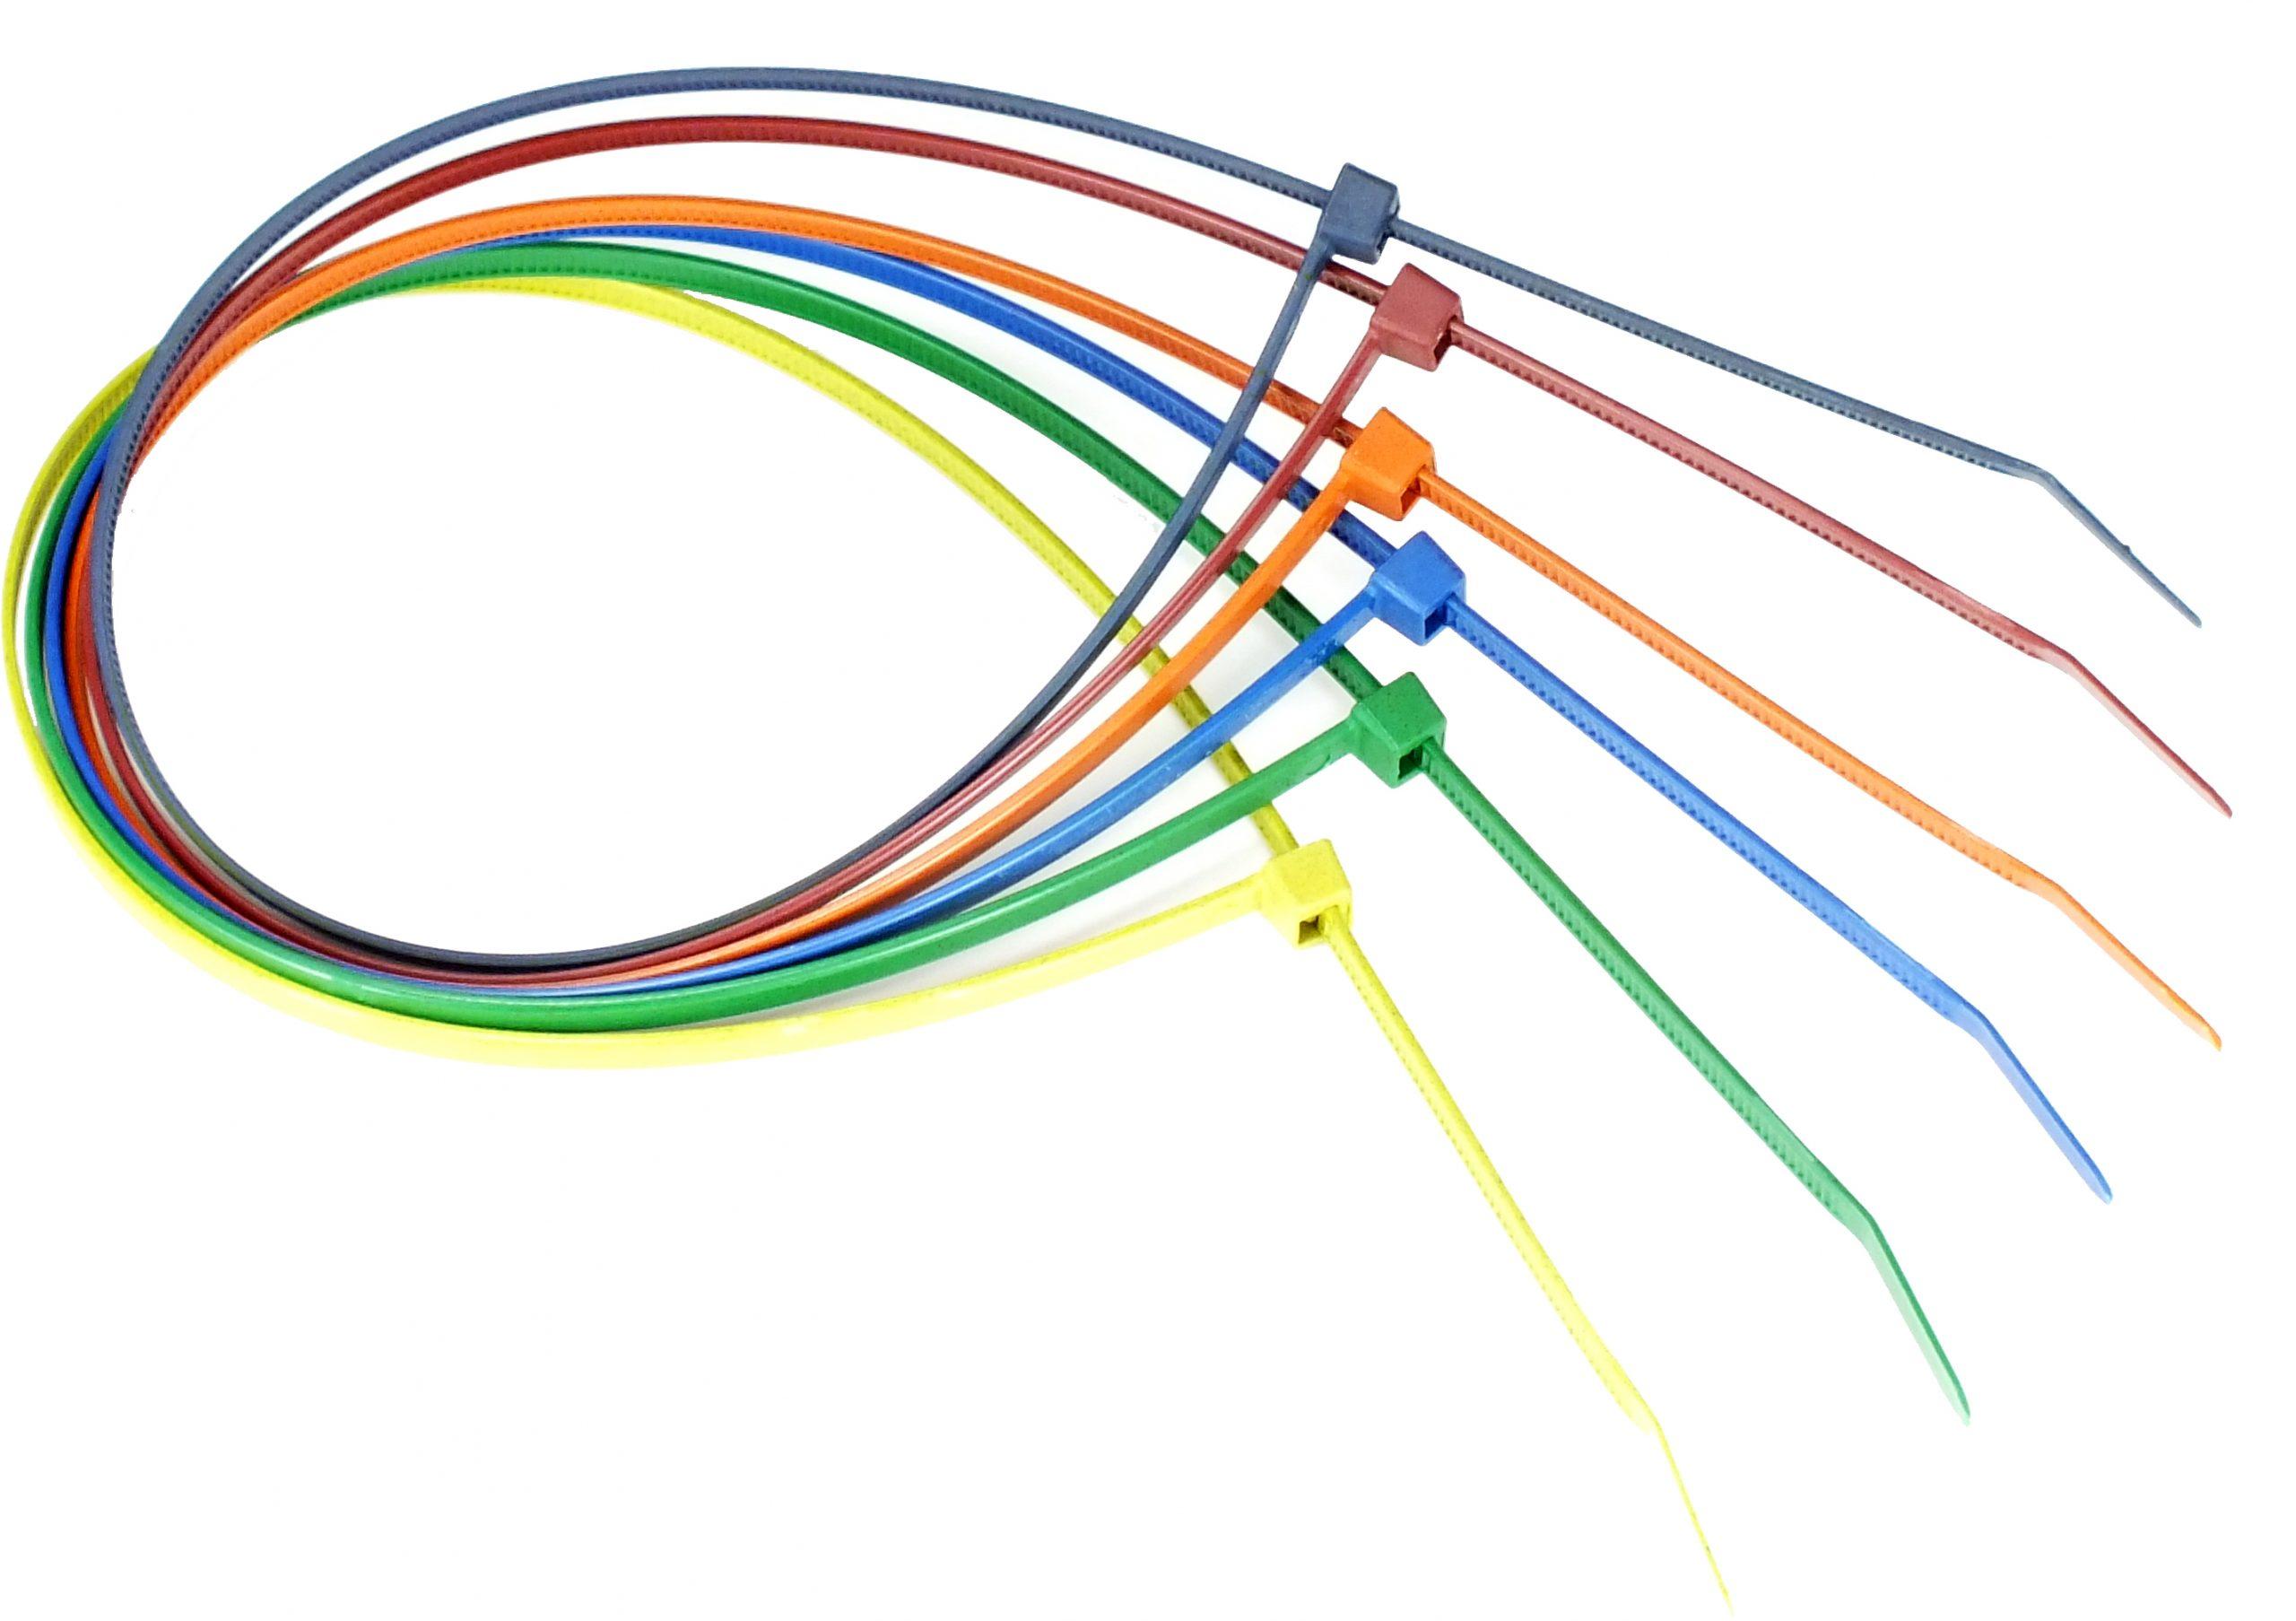 Serre-câbles détectables non-réutilisable